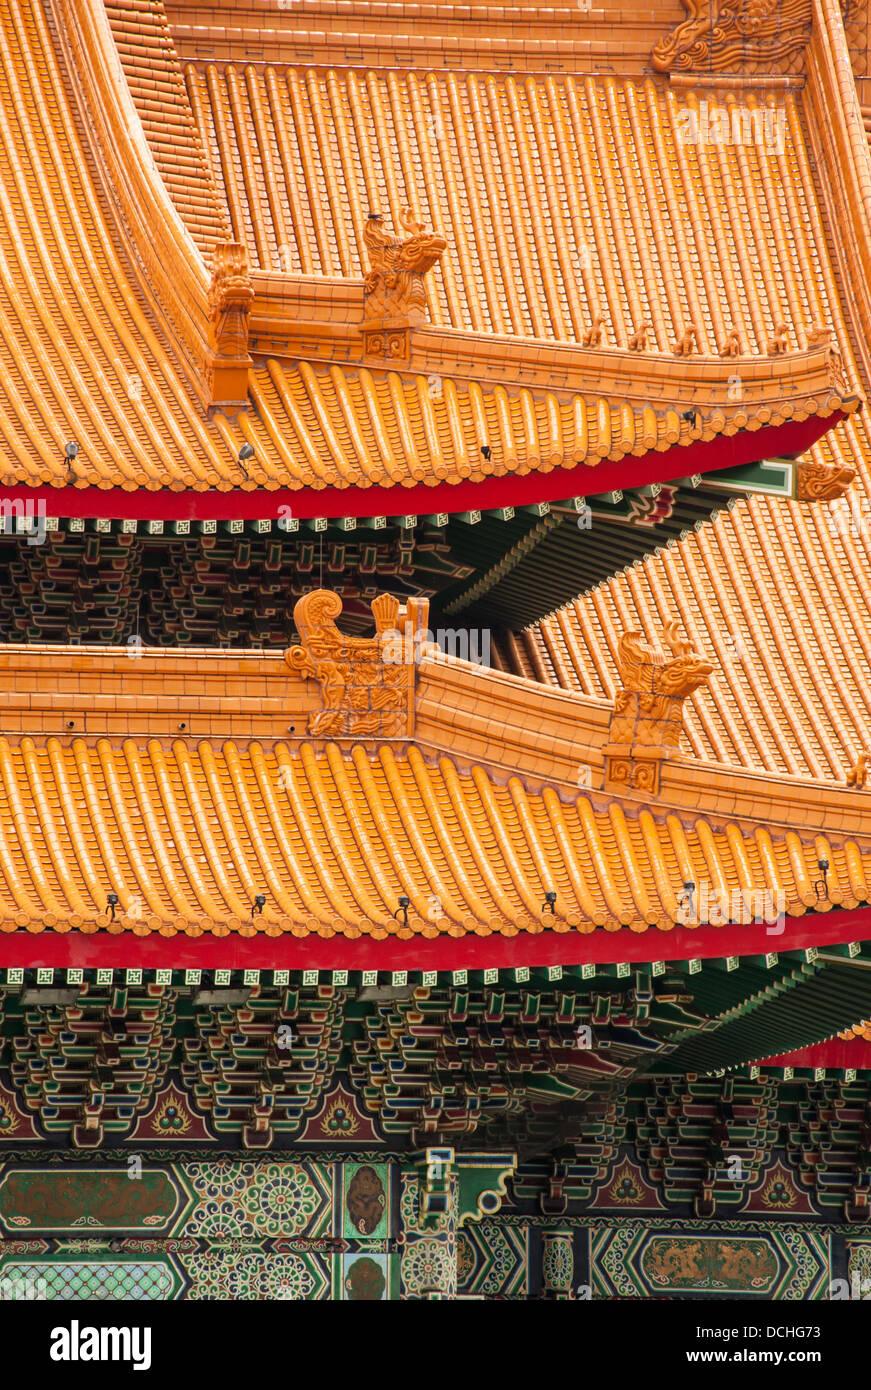 Un dettaglio del tetto ornato del National Concert Hall di Taipei, Taiwan. Immagini Stock